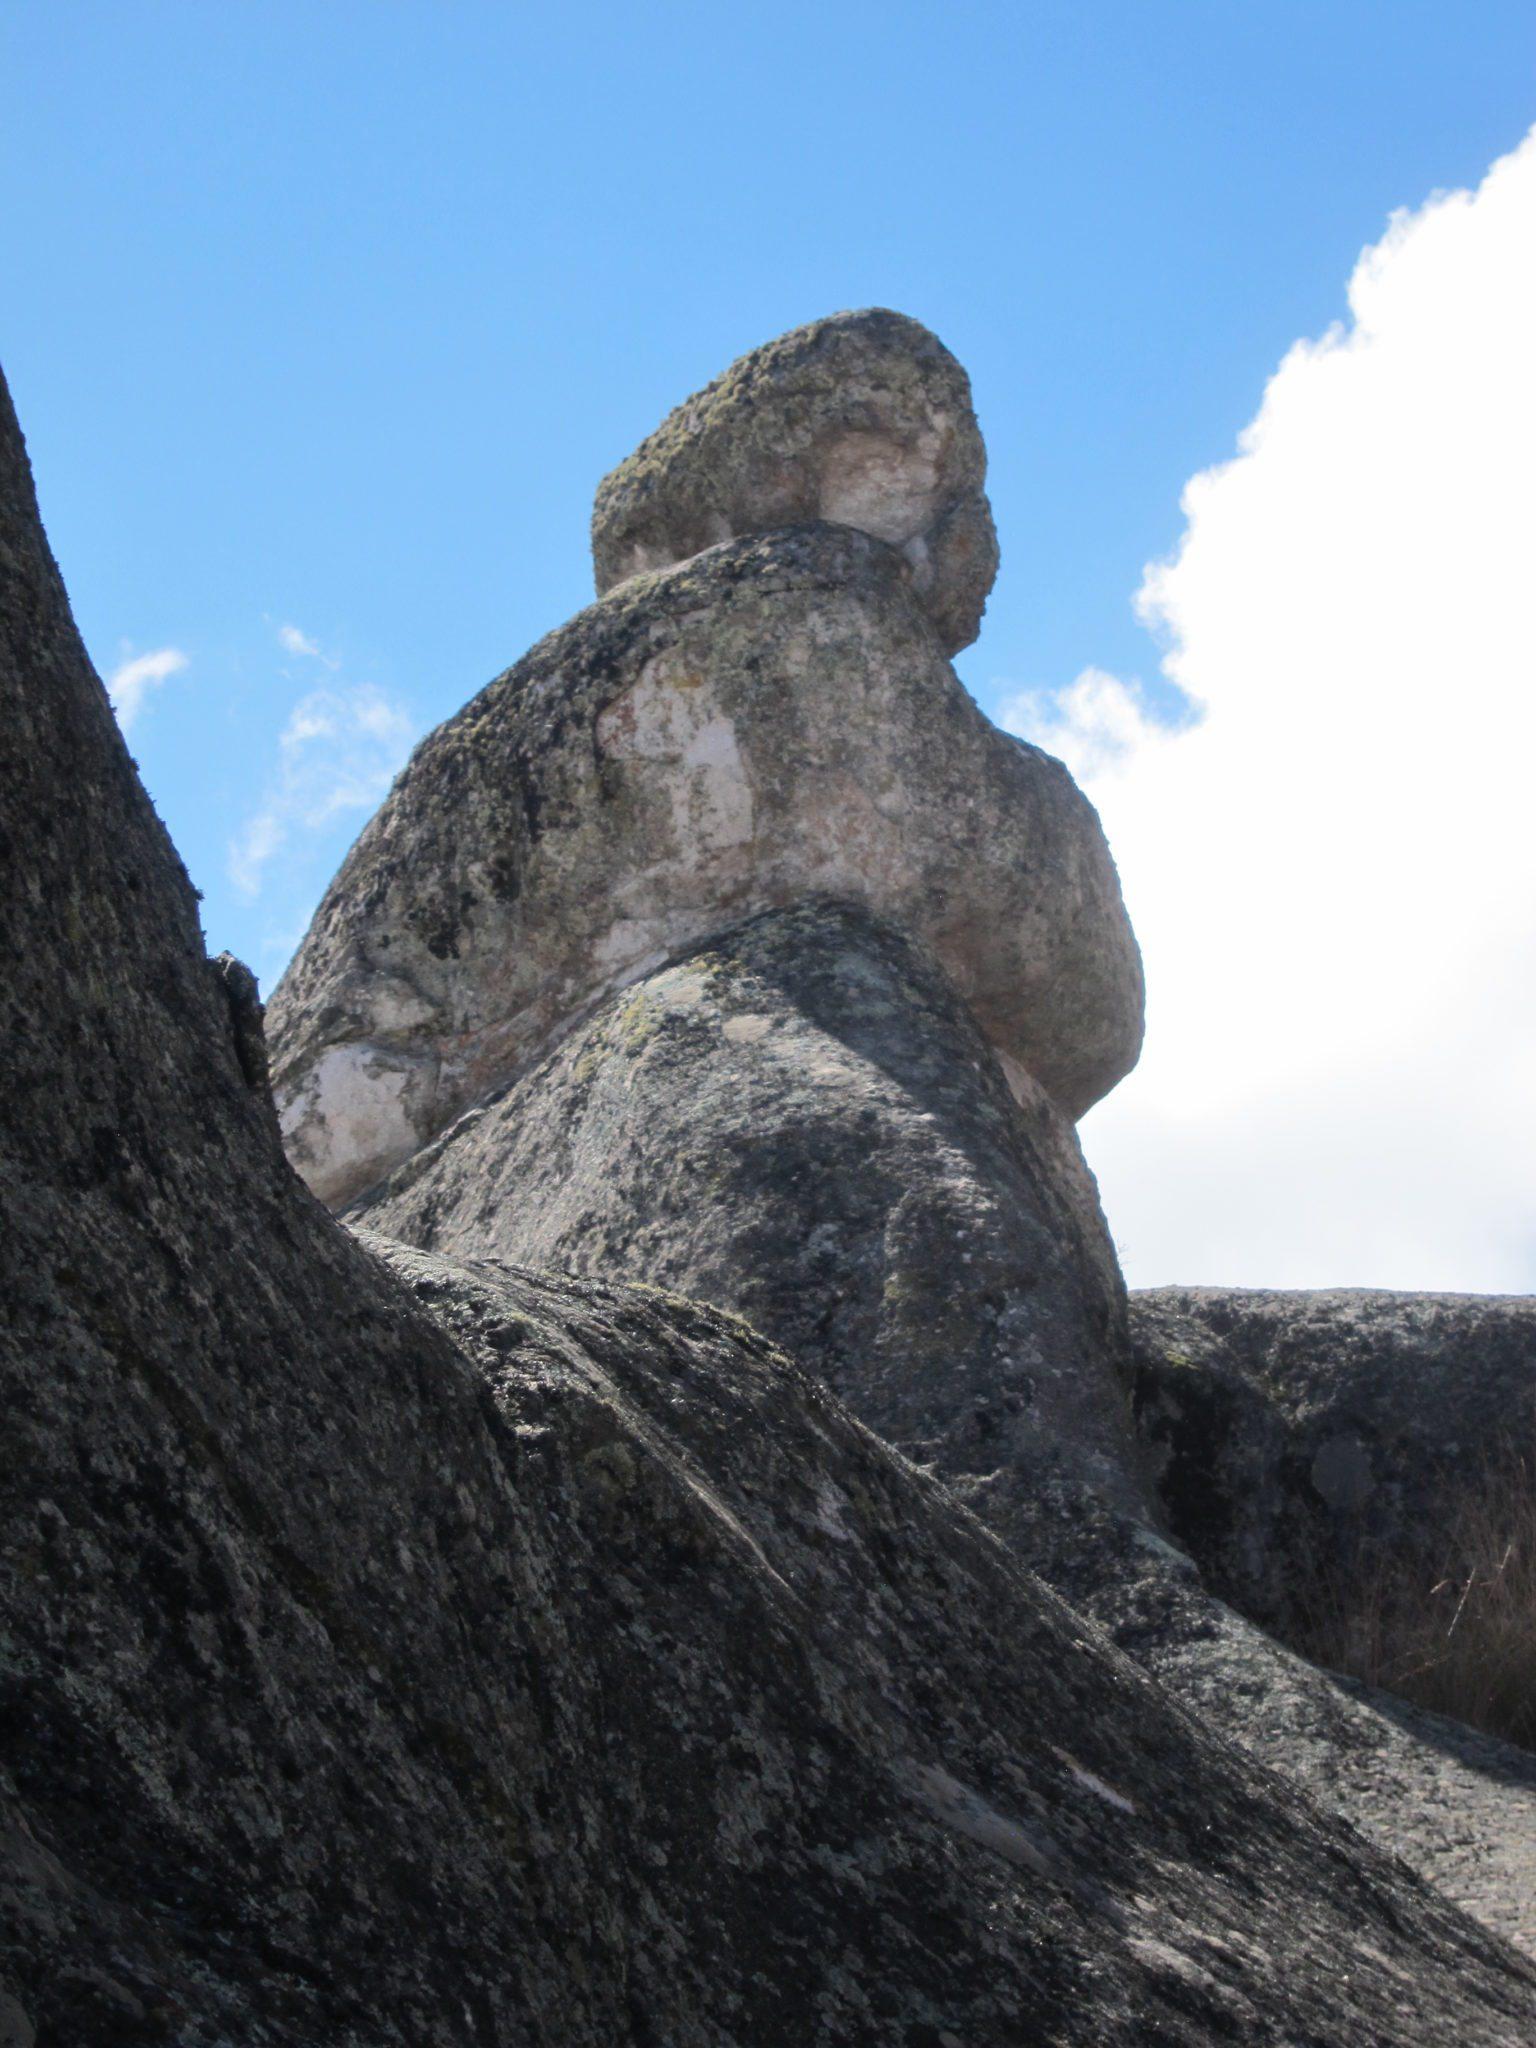 El Cerro de las Miradas, una roca enorme que se parece a un buque, situado en la parte sur de la meseta cercano a la Fortaleza y la laguna CachuCachu (Tabla 1). Fue nombrado tal porque en el convergen tres lineas de mira : el hombre de las Figuras 13a y 13b, una mujer al lado opuesto (Figura 13c), el cerro con el hombre y mujer apenas visibles a los costados en la parte posterior (Figura 13d) y la cabeza de un perro a la izquierda en Figura 13e. Fotos de Agosto 2003.